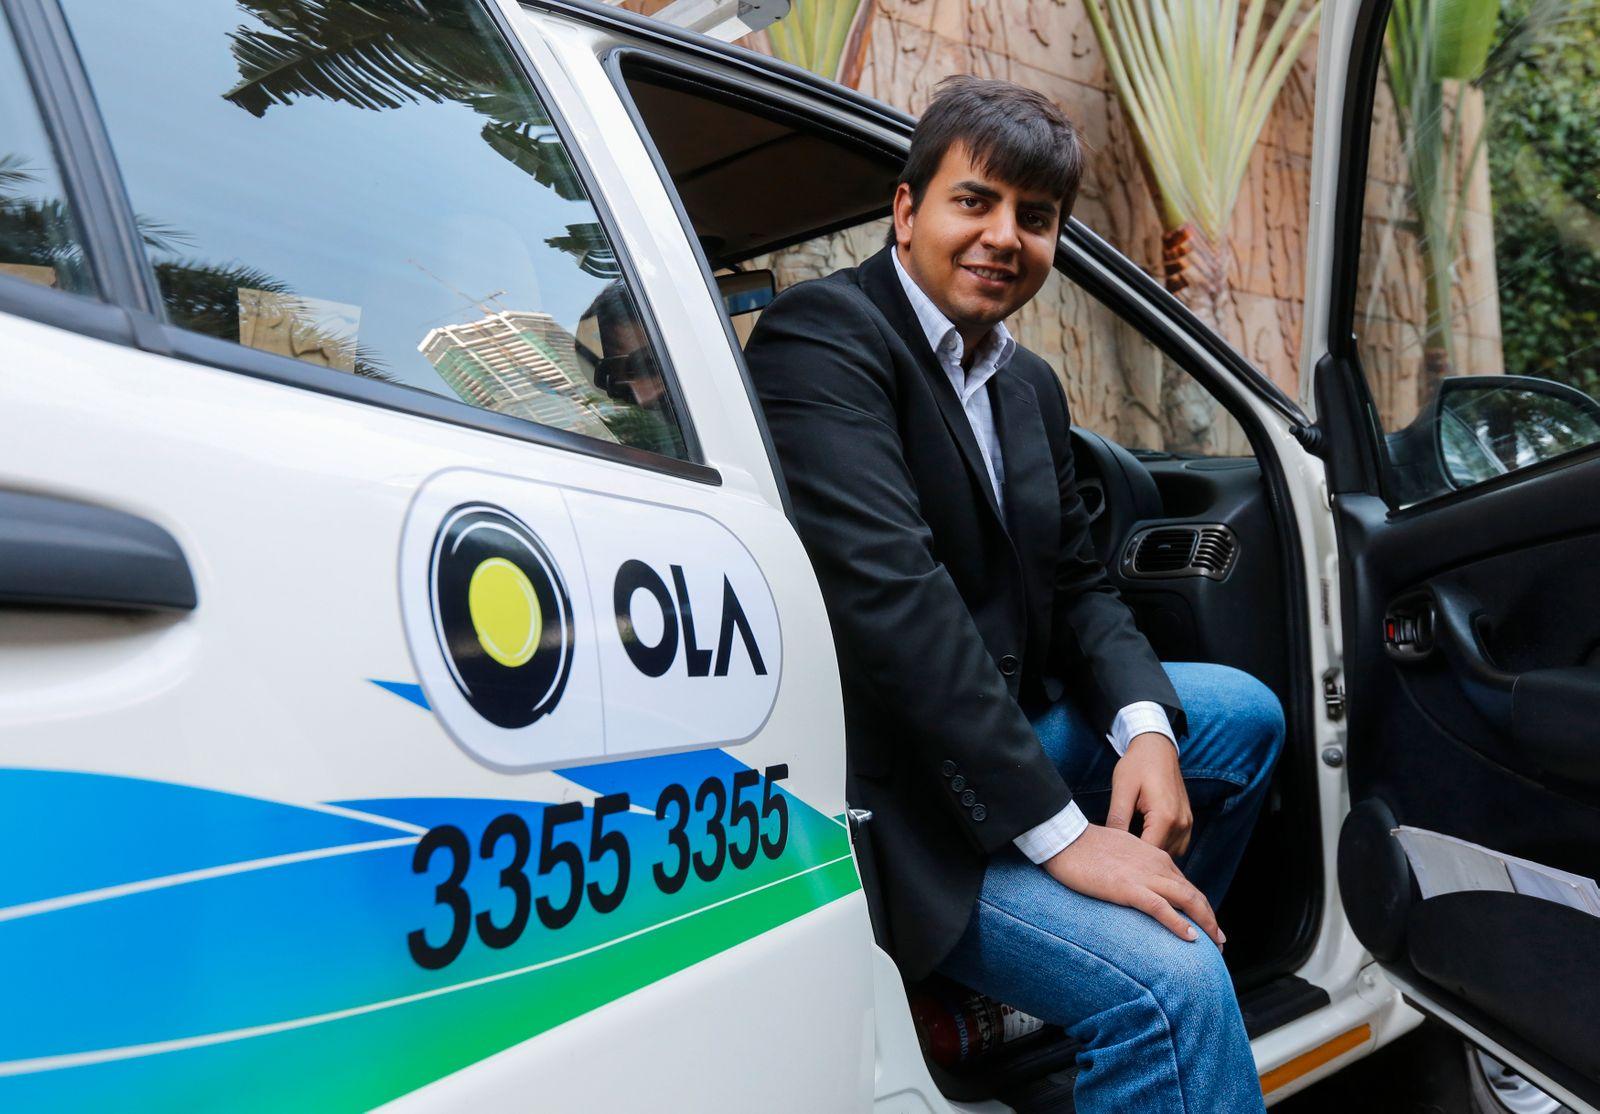 Ola / App / Taxi